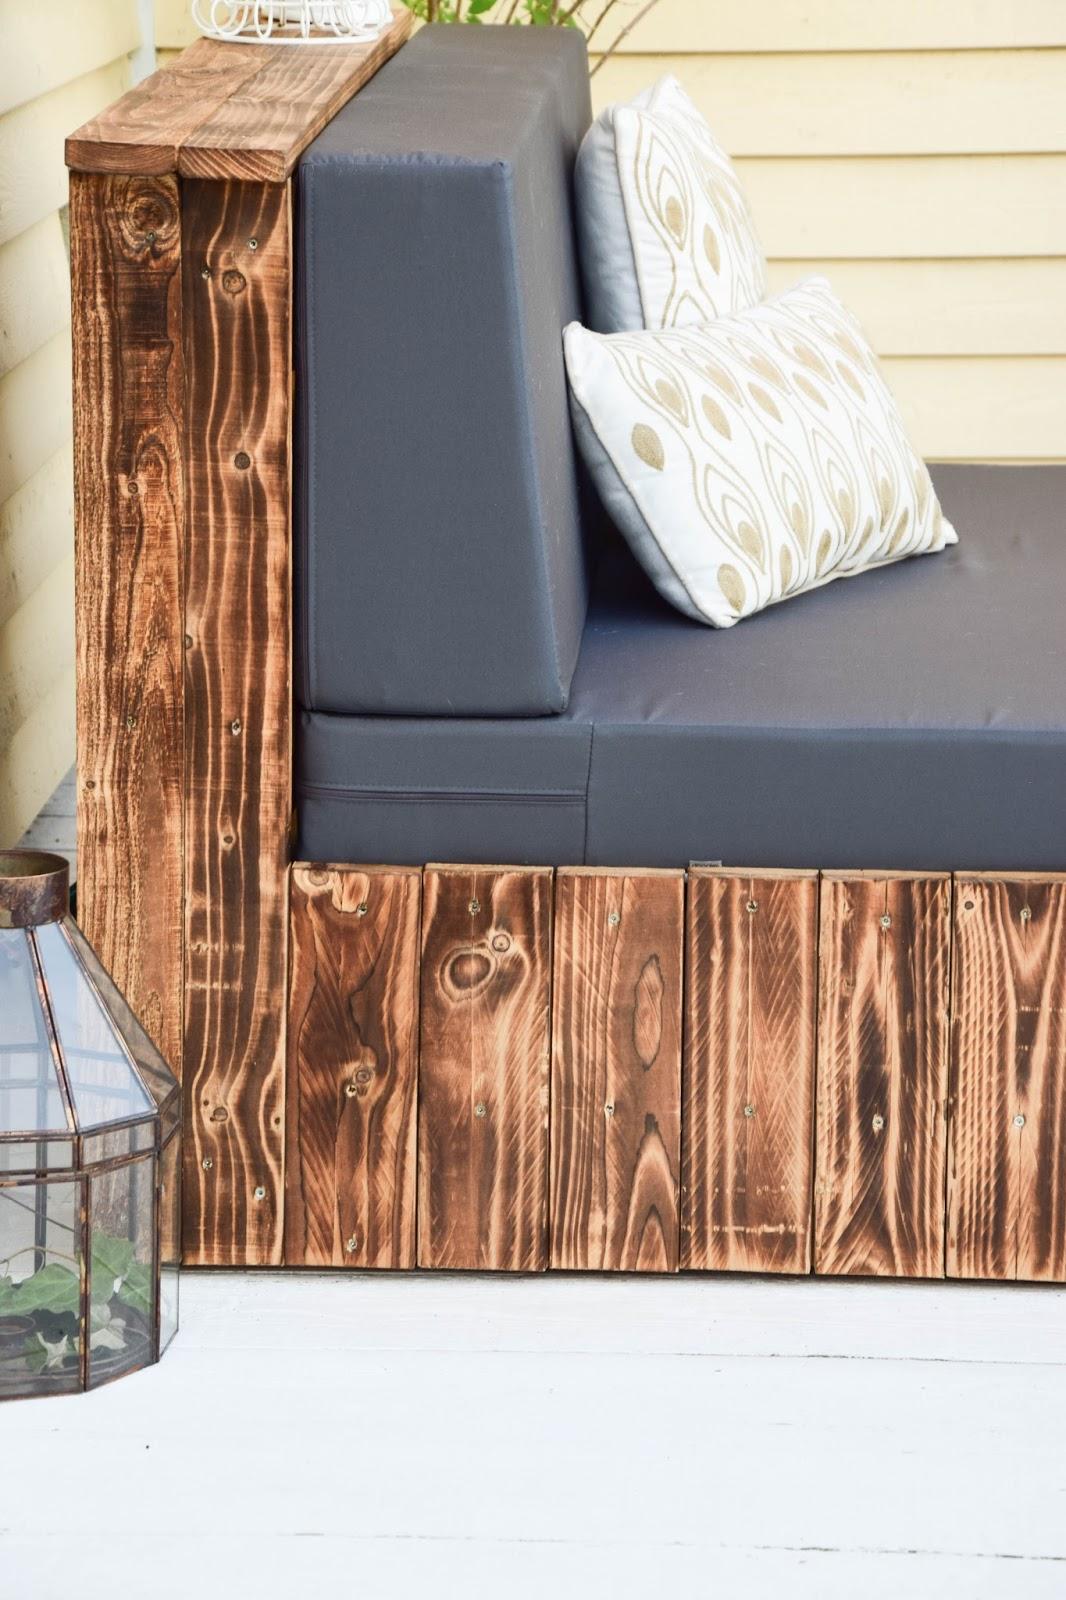 DIY Aus Paletten: Lounge Und Sitzmöbel Für Terrasse Und Garten. Sitzmöbel  Einfach Selbstgemacht Aus